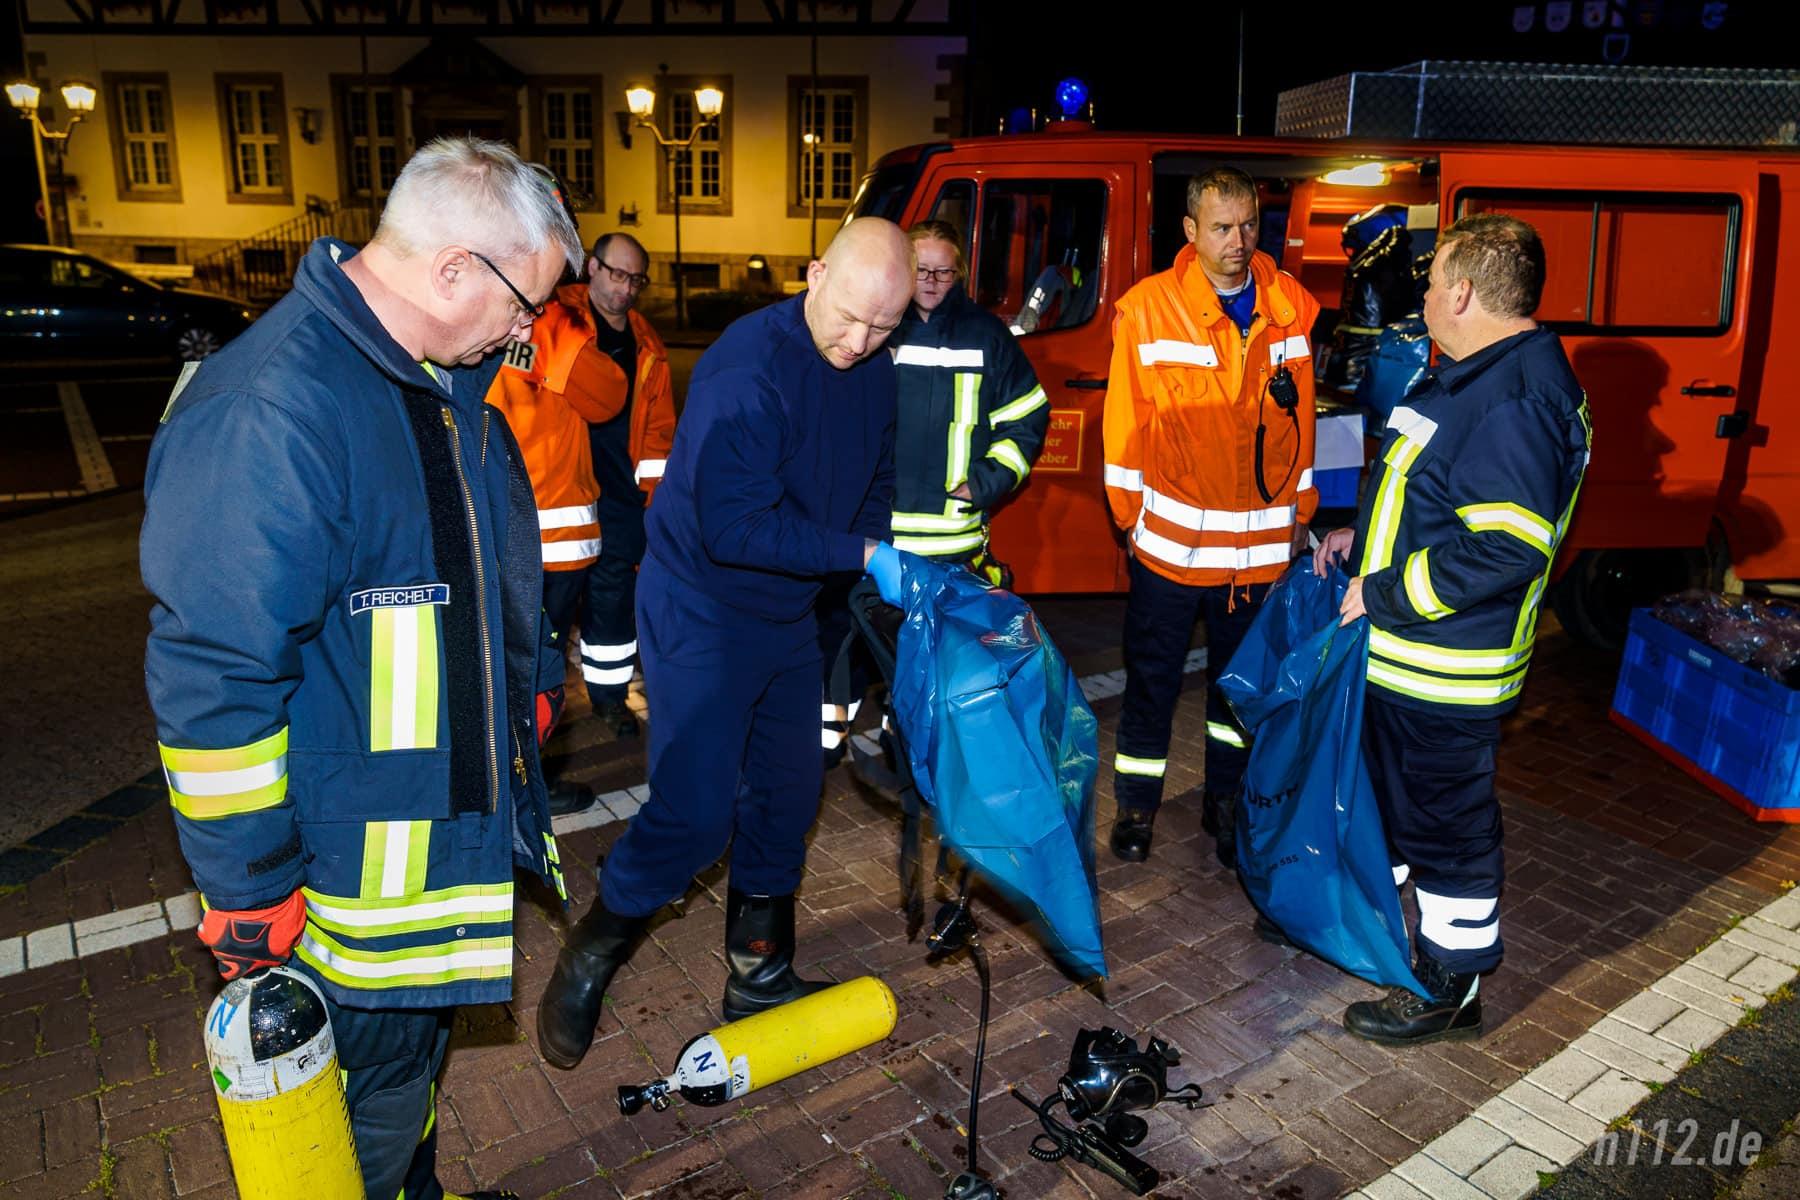 Ein freiwilliger Feuerwehrmann hat seine belastete Einsatzkleidung gegen einen Trainingsanzug getauscht (Foto: n112.de/Stefan Simonsen)